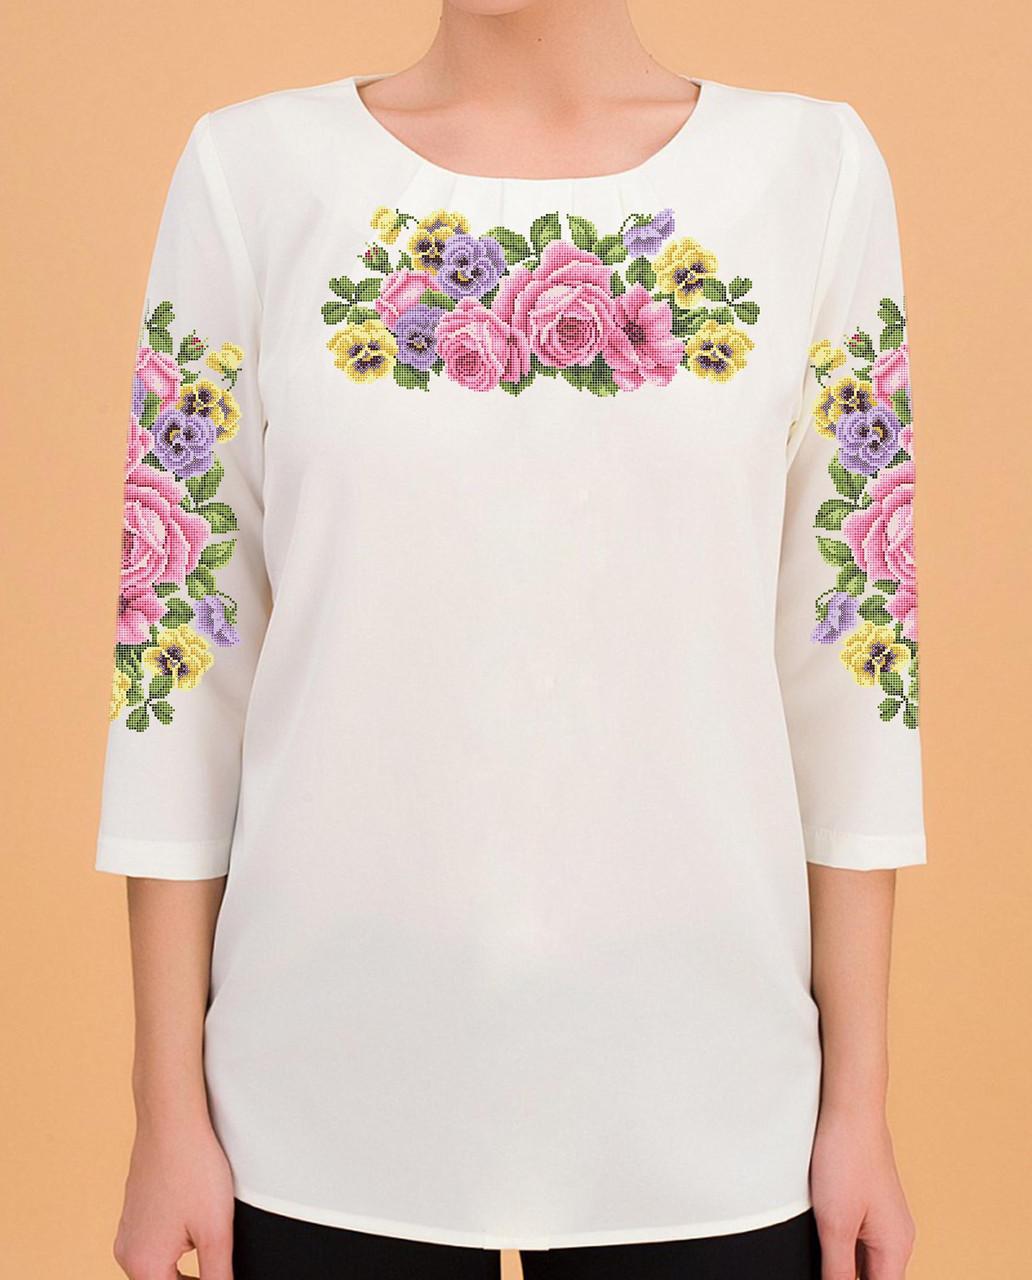 Заготовка вышиванки женской сорочки / блузы для вышивки бисером «Квіткова симфонія»